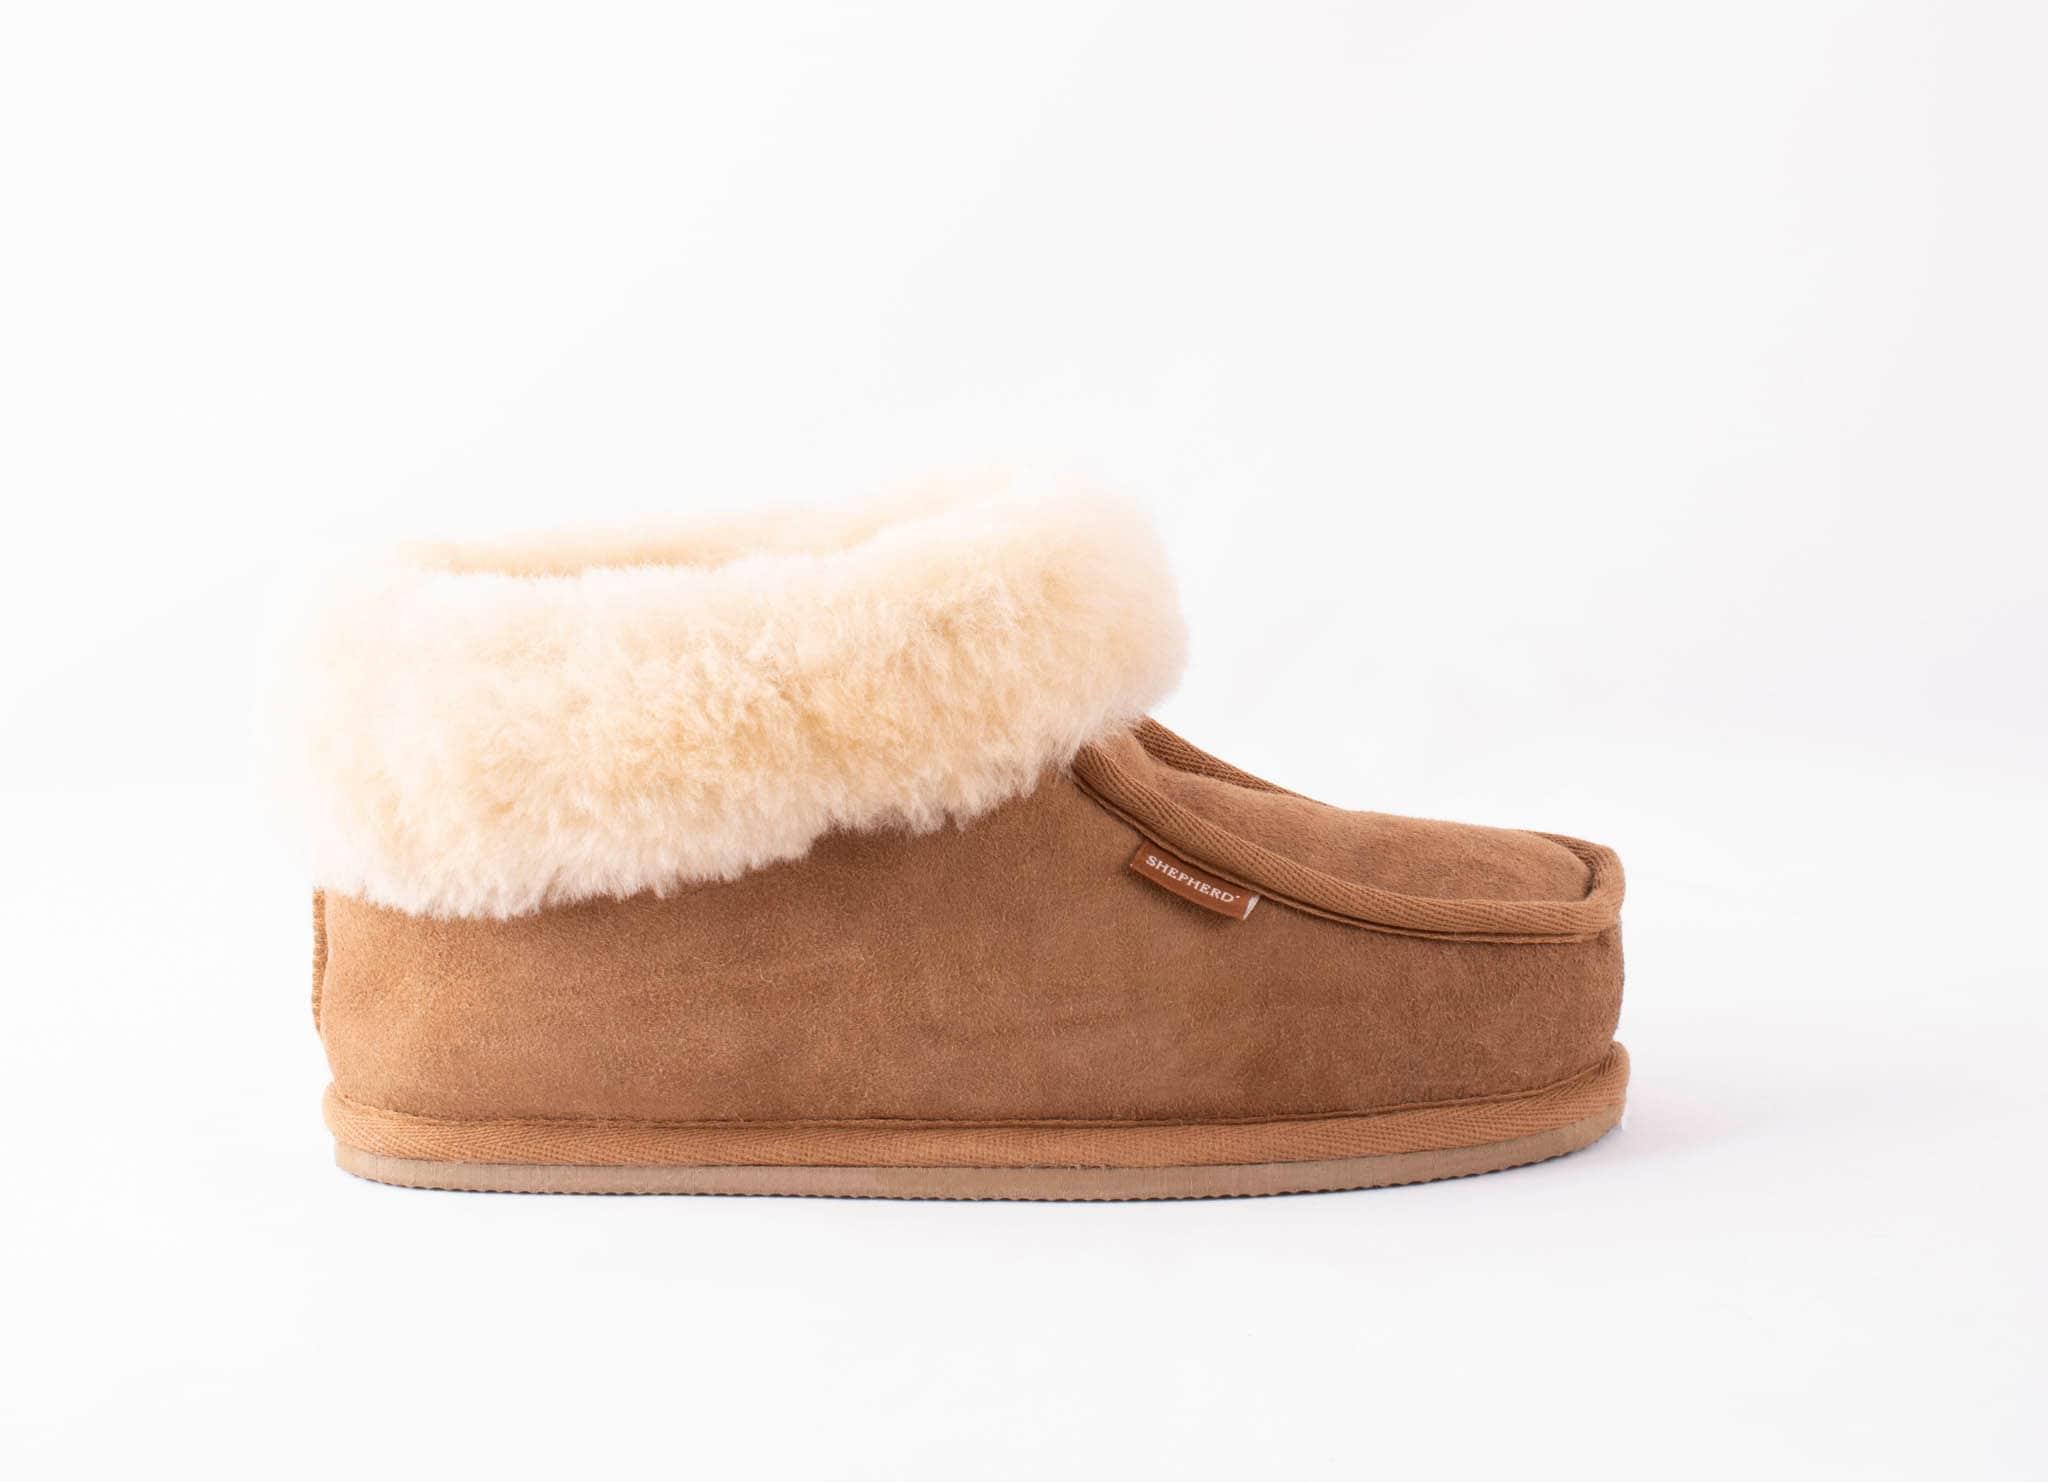 Lena sheepskin slippers